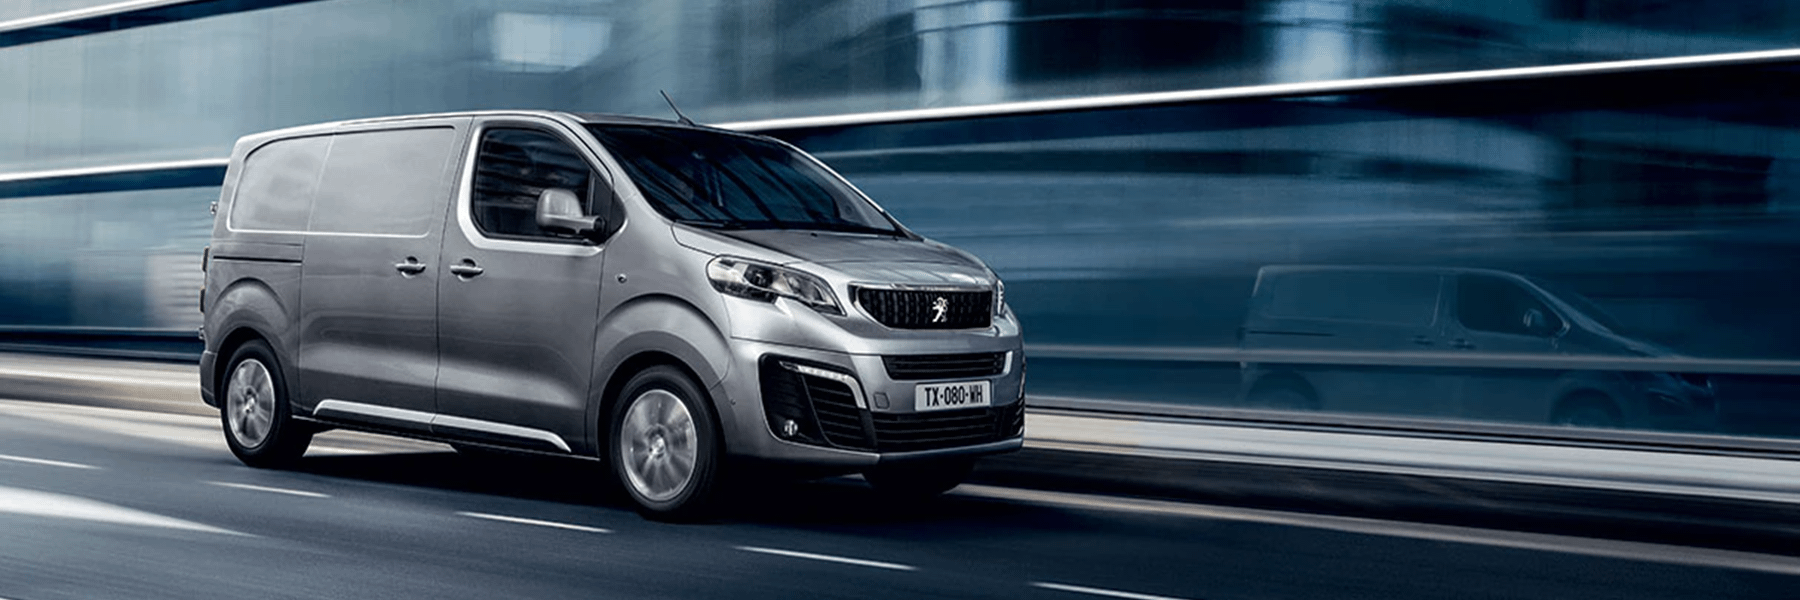 Peugeot Expert Commercials